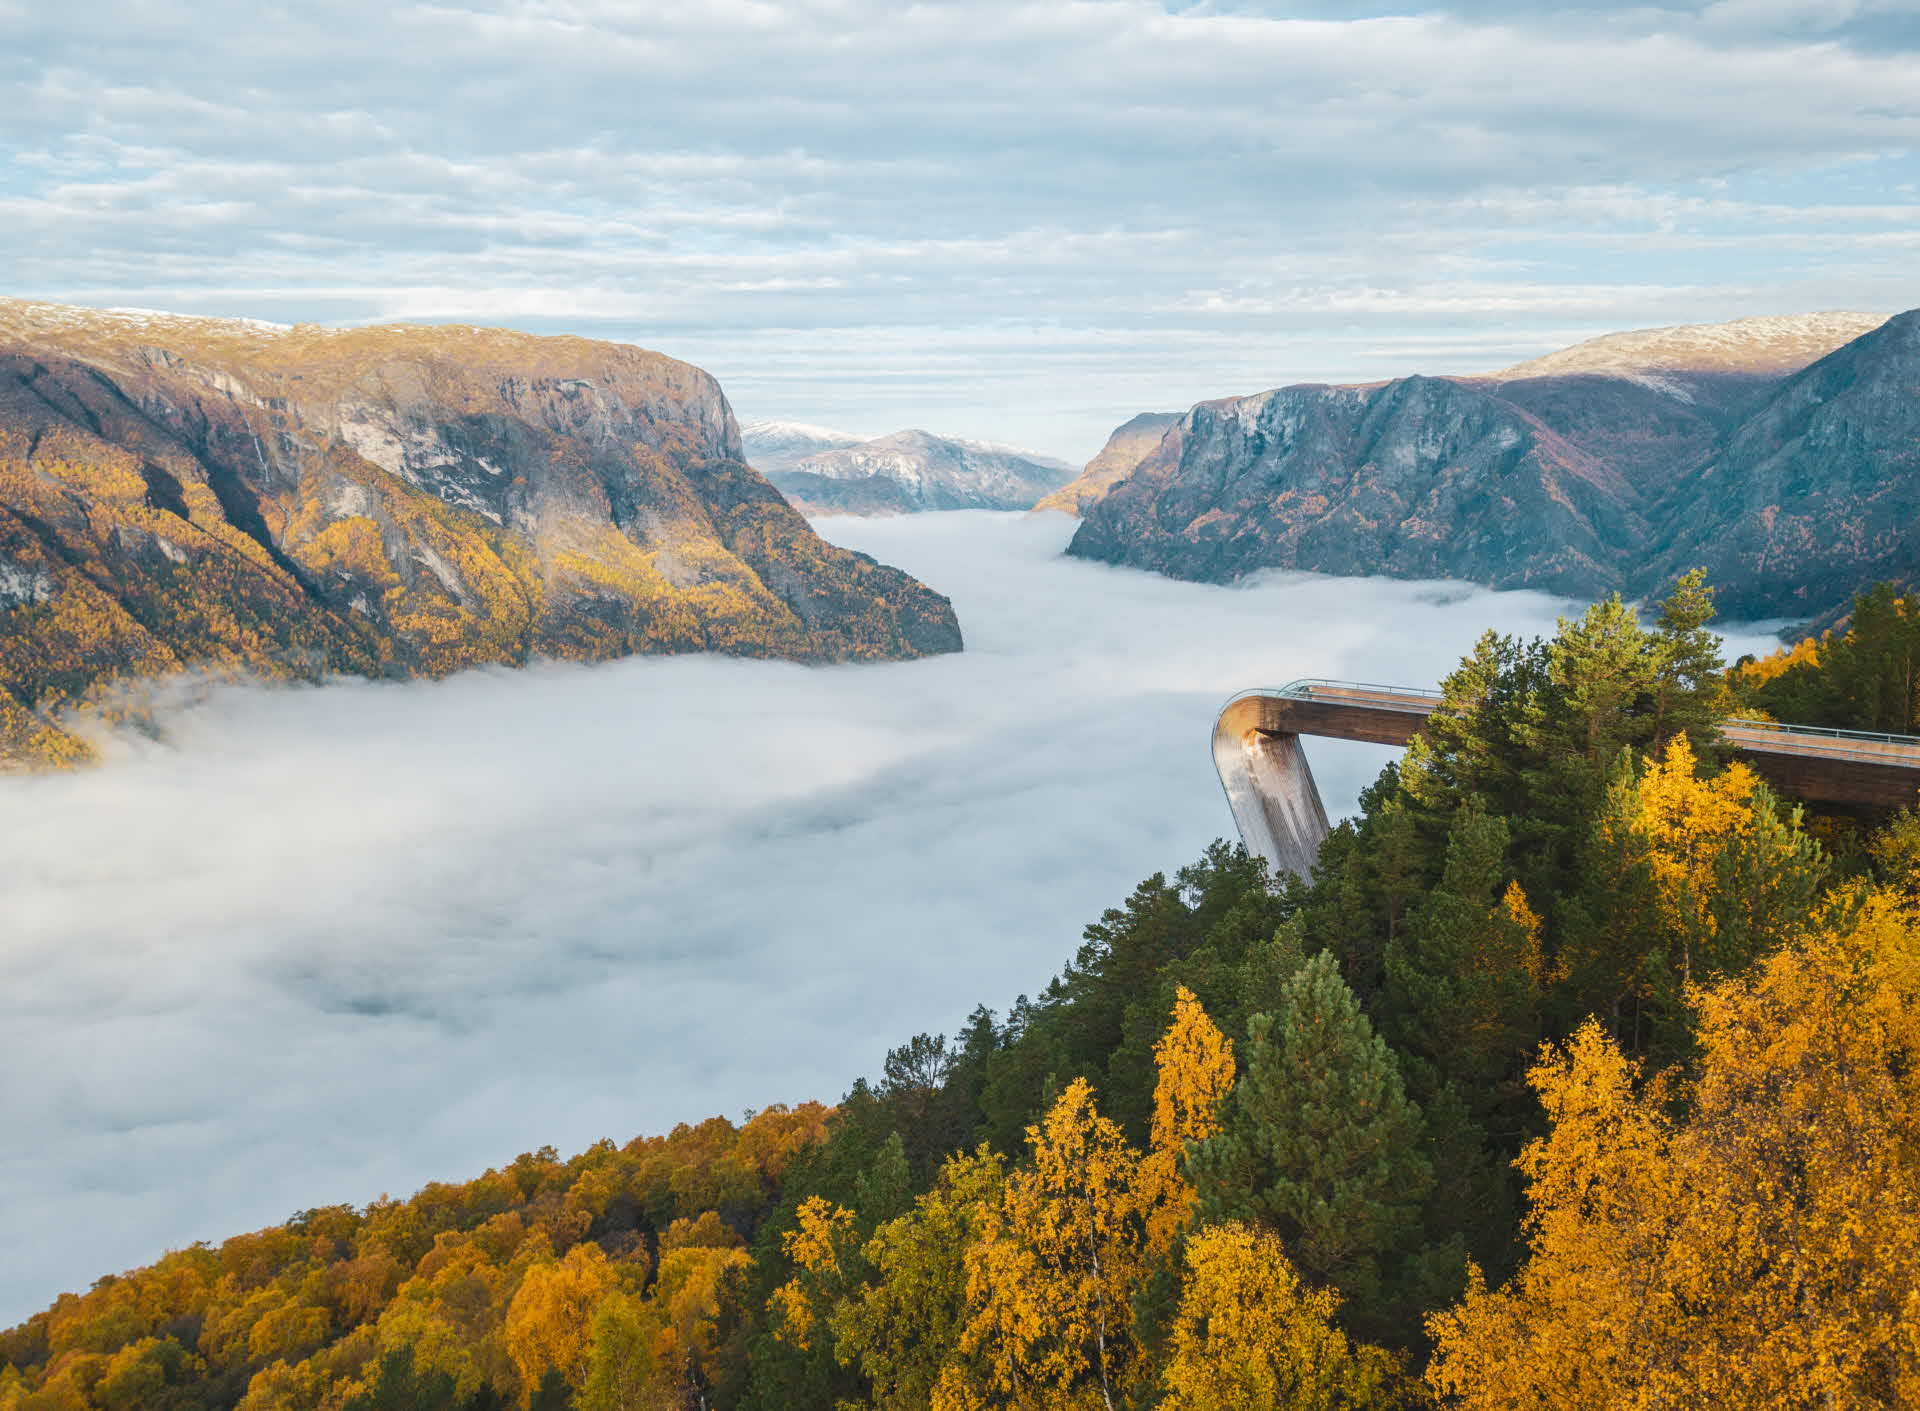 Kvinne står ved rekkverket på Stegastein utsiktspunkt og ser utover Aurlandsfjorden ein solrik dag